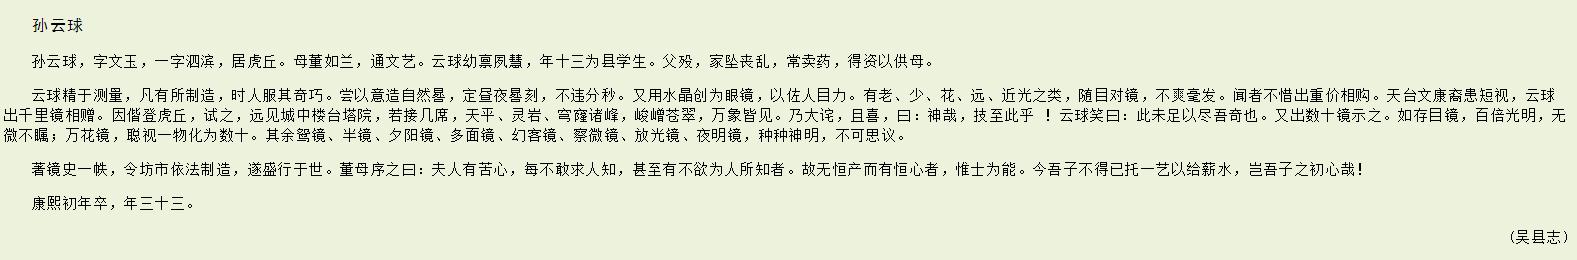 孫云球3.png